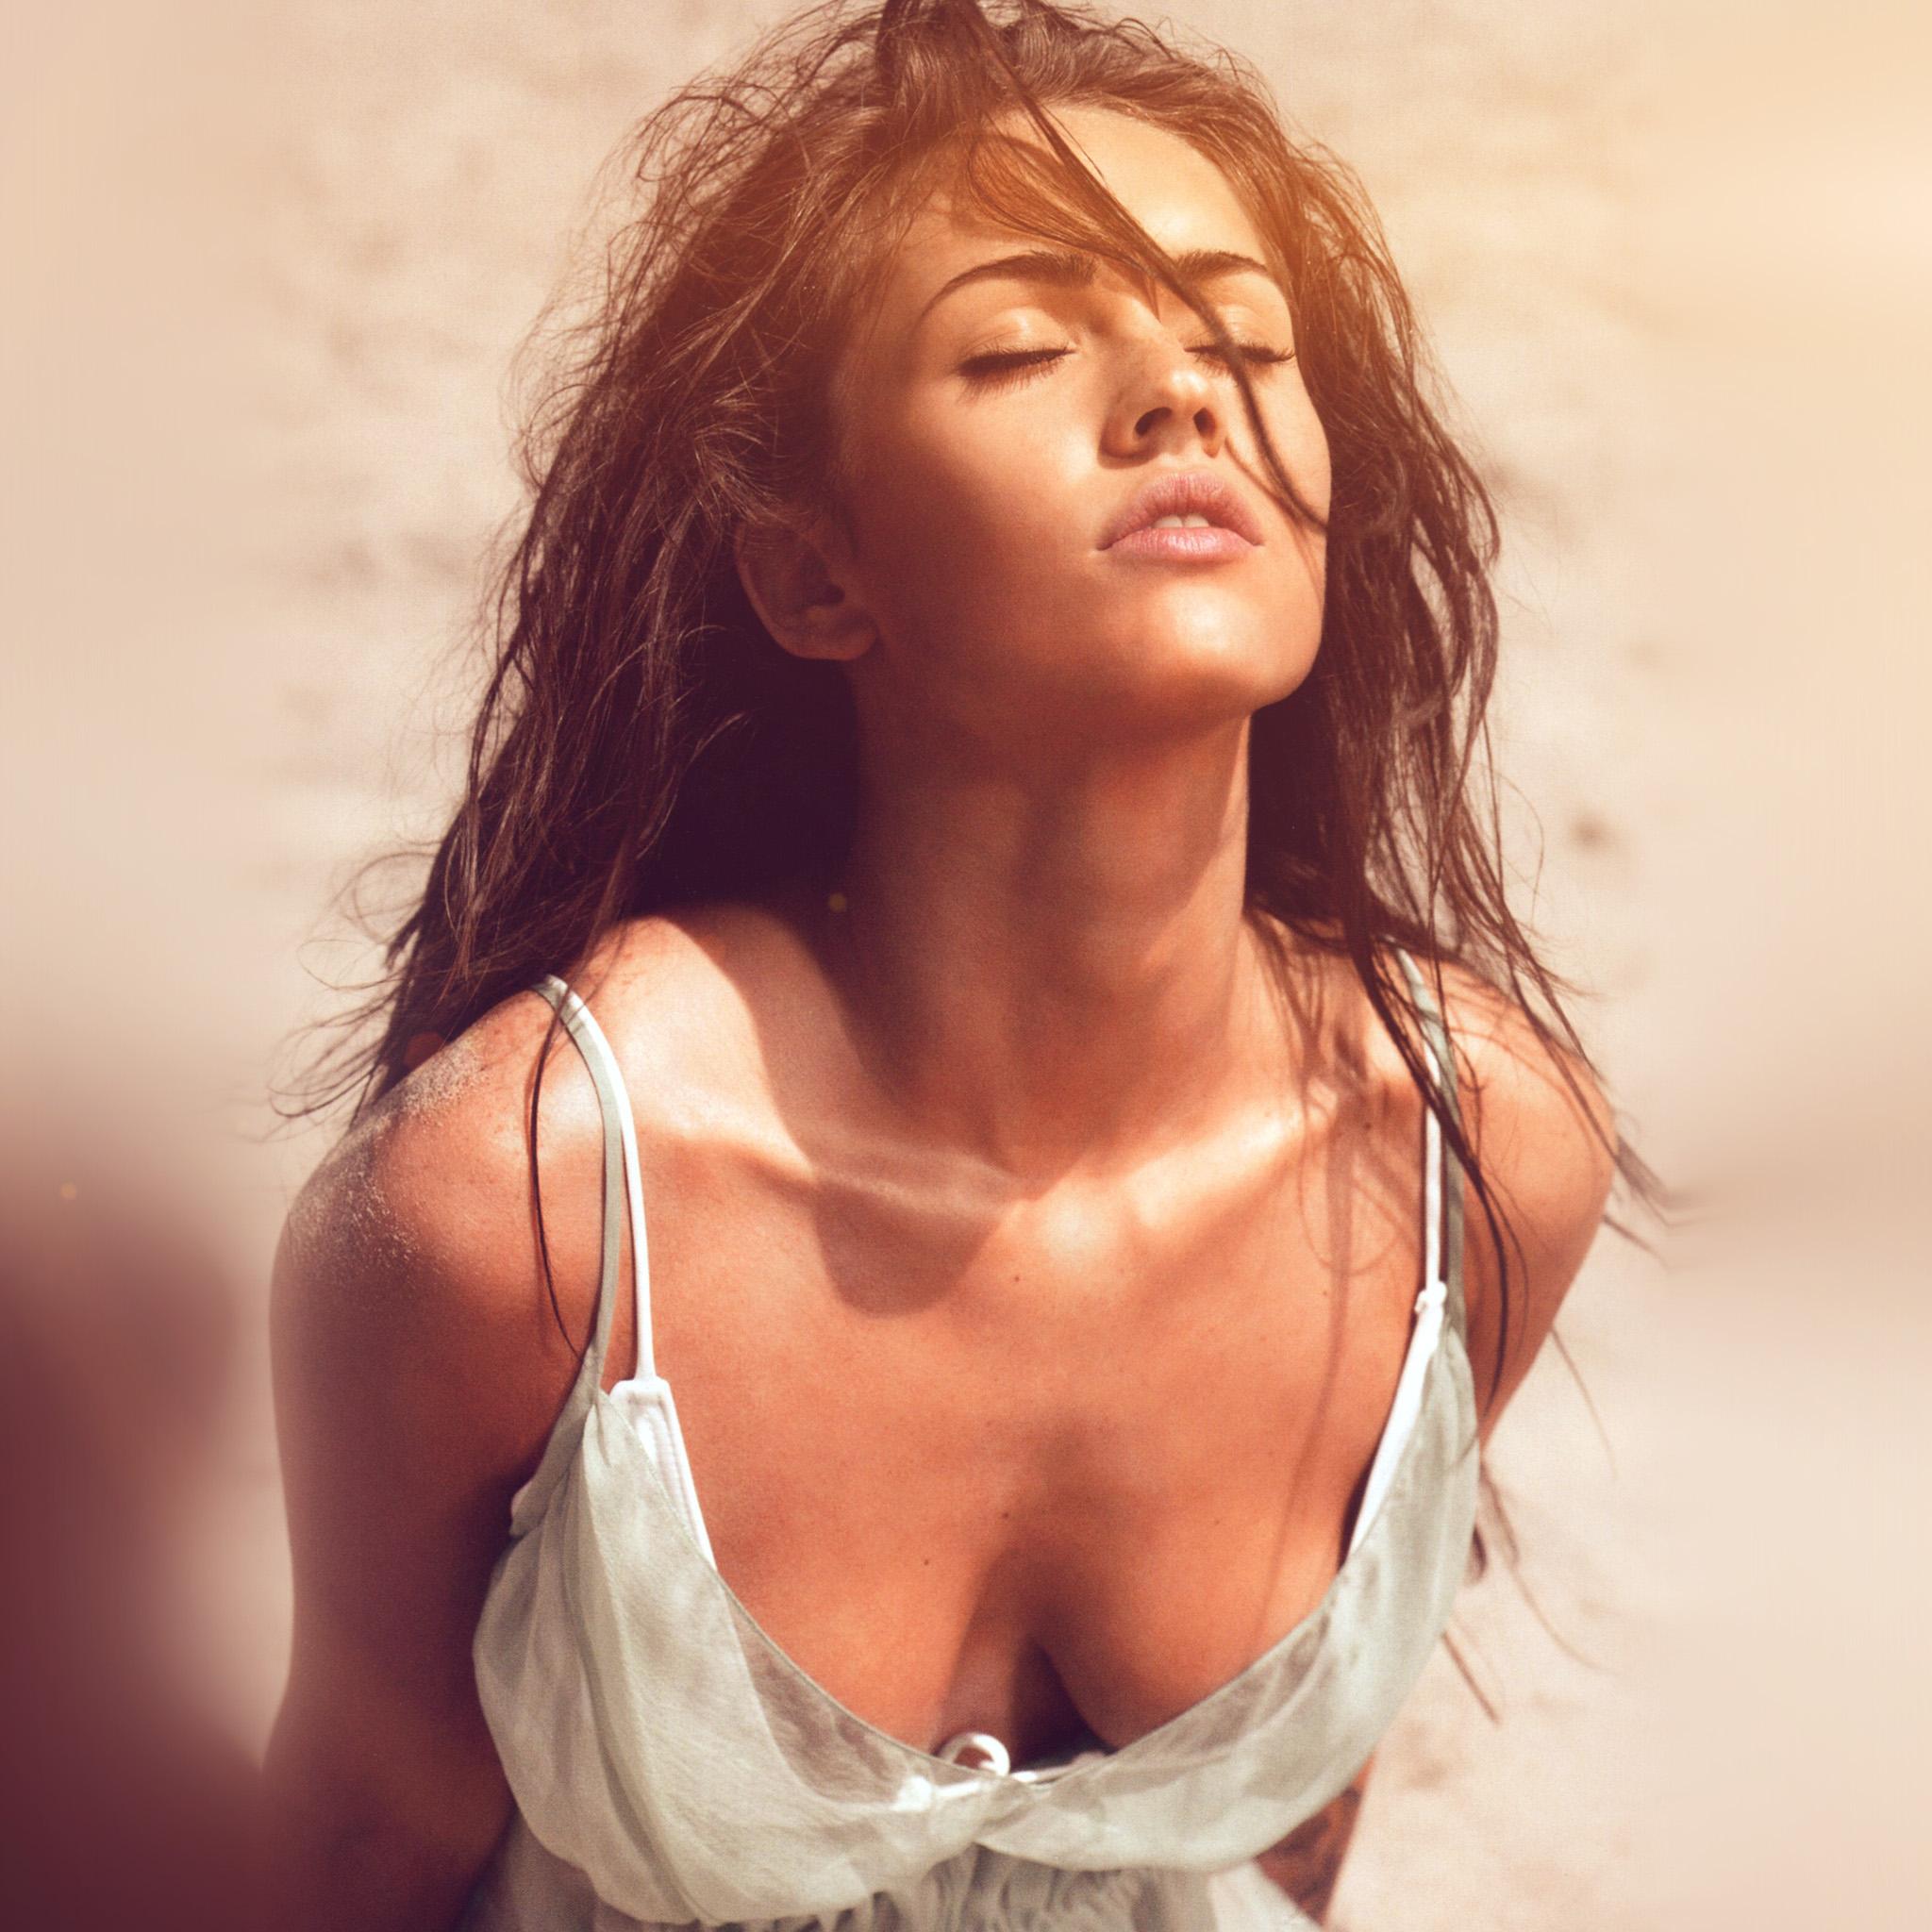 10 Wanita paling cantik Di Dunia Megan Fox sexy